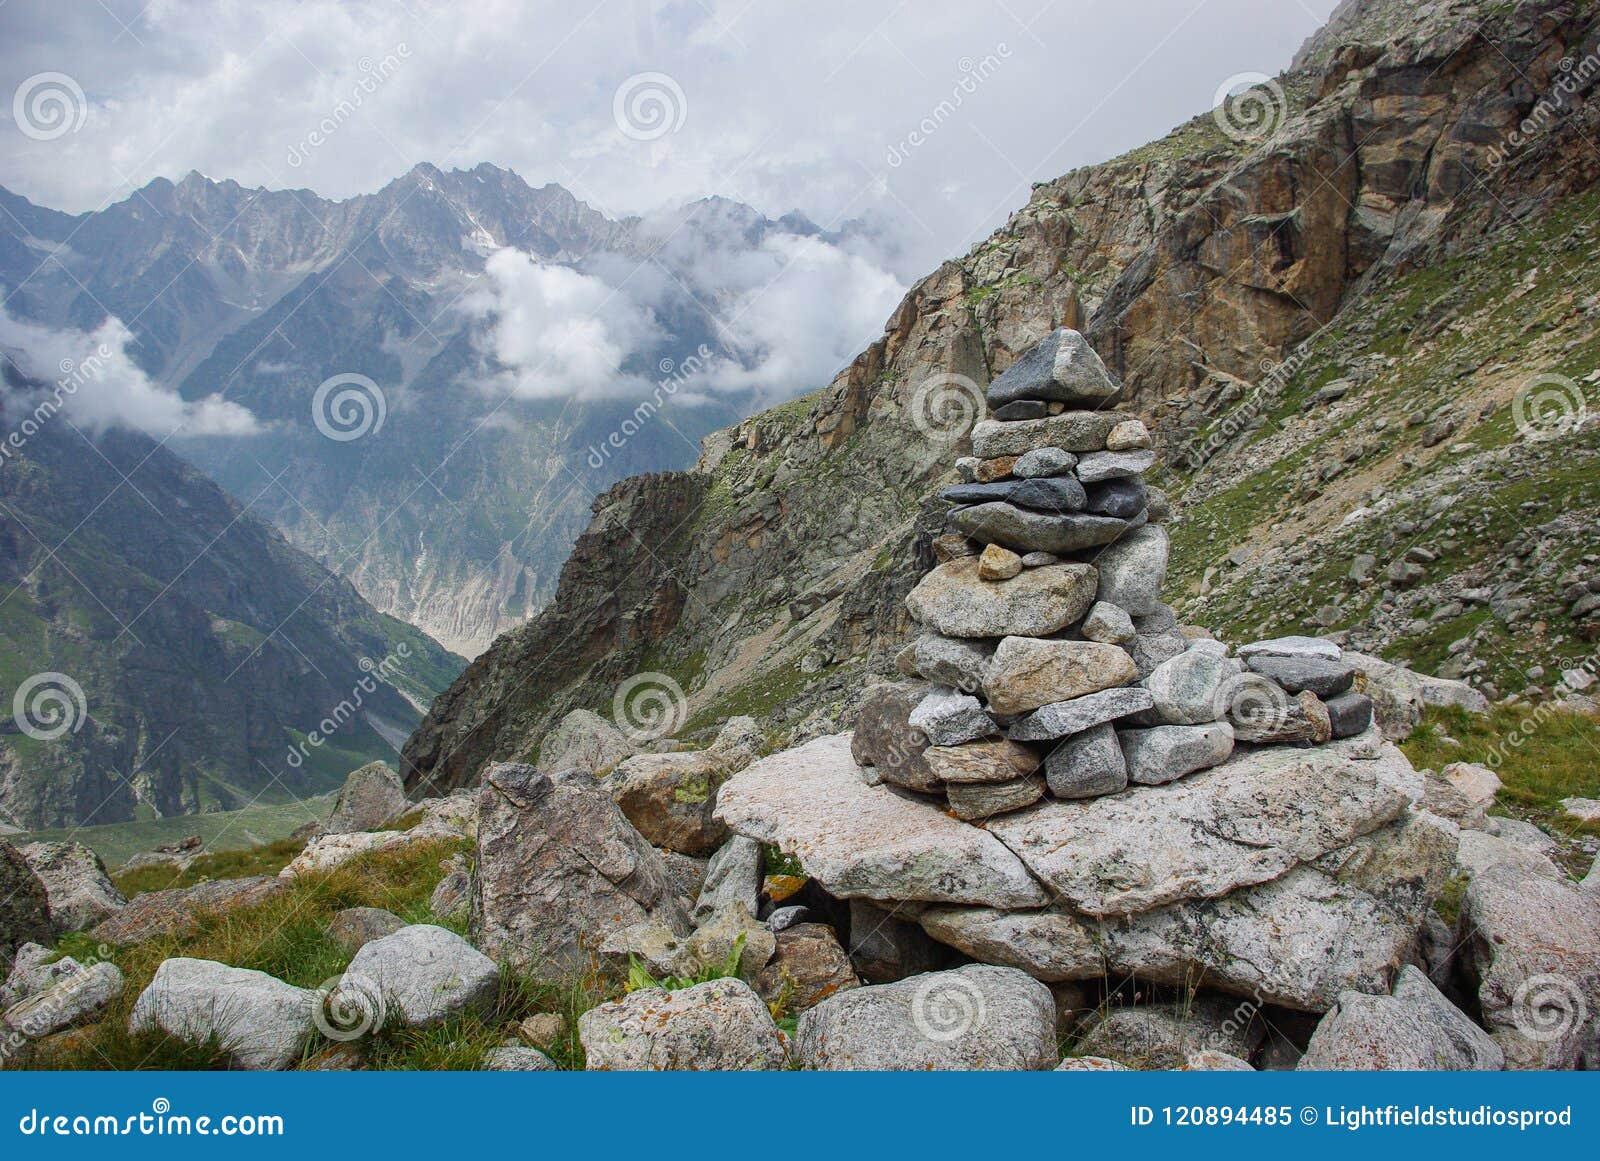 向在山俄罗斯联邦,高加索的建筑学扔石头,